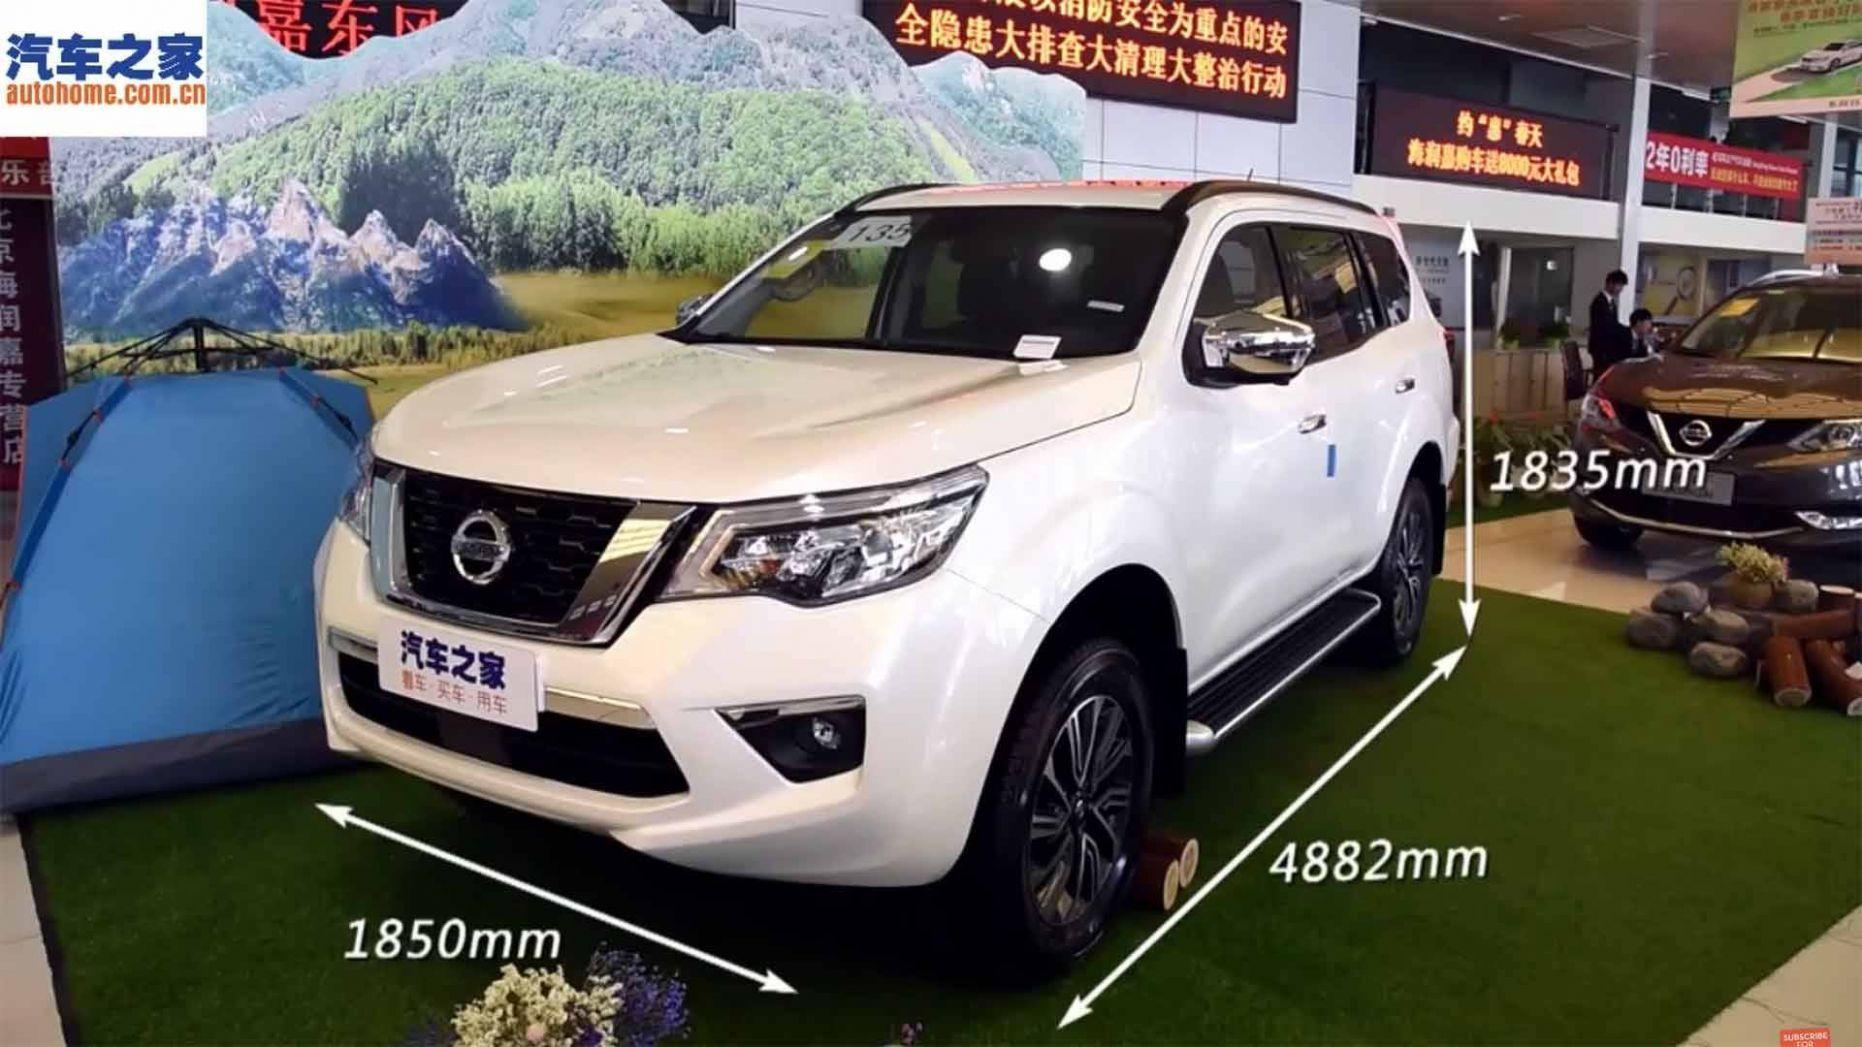 Nissan Terra 2021 Price Design And Review Di 2020 Mobil Teknologi